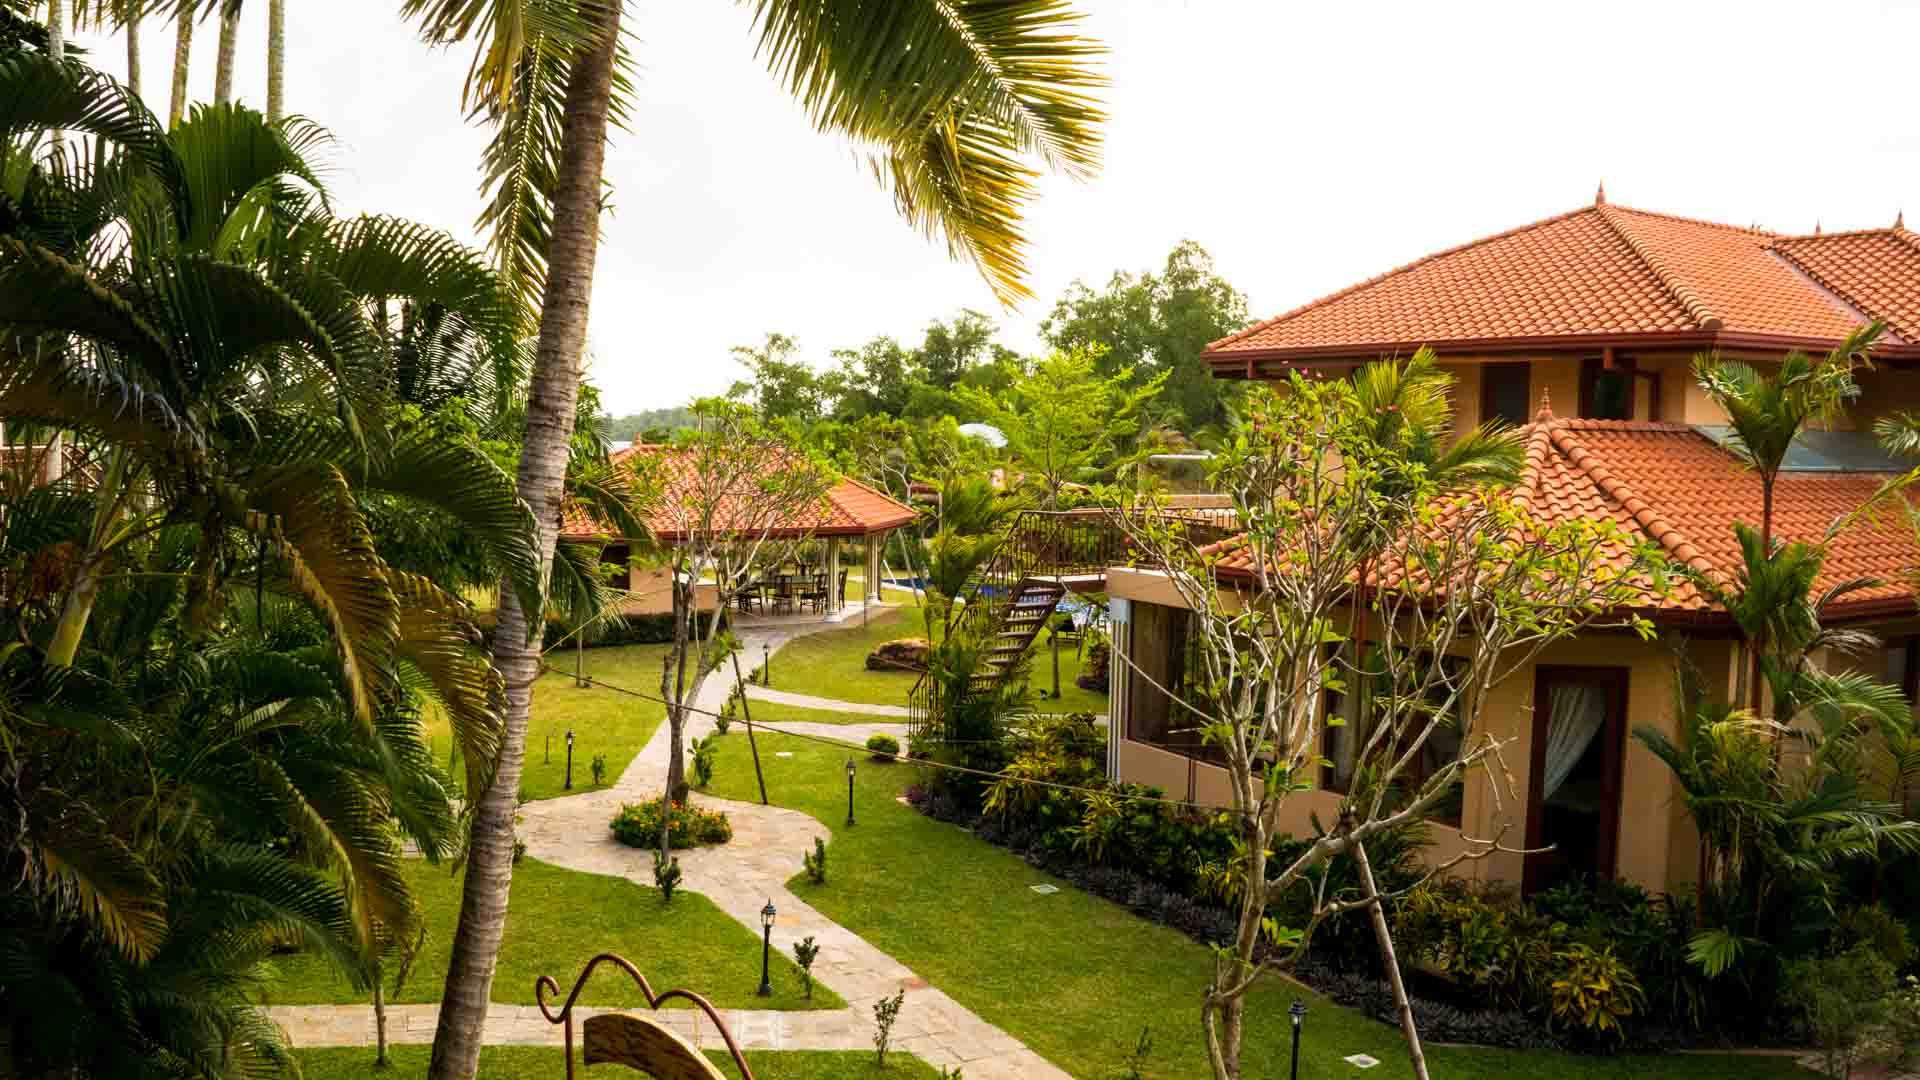 Ayurveda Resort Gartenanlage Sicht vom offenen Yoga Raum auf den Garten